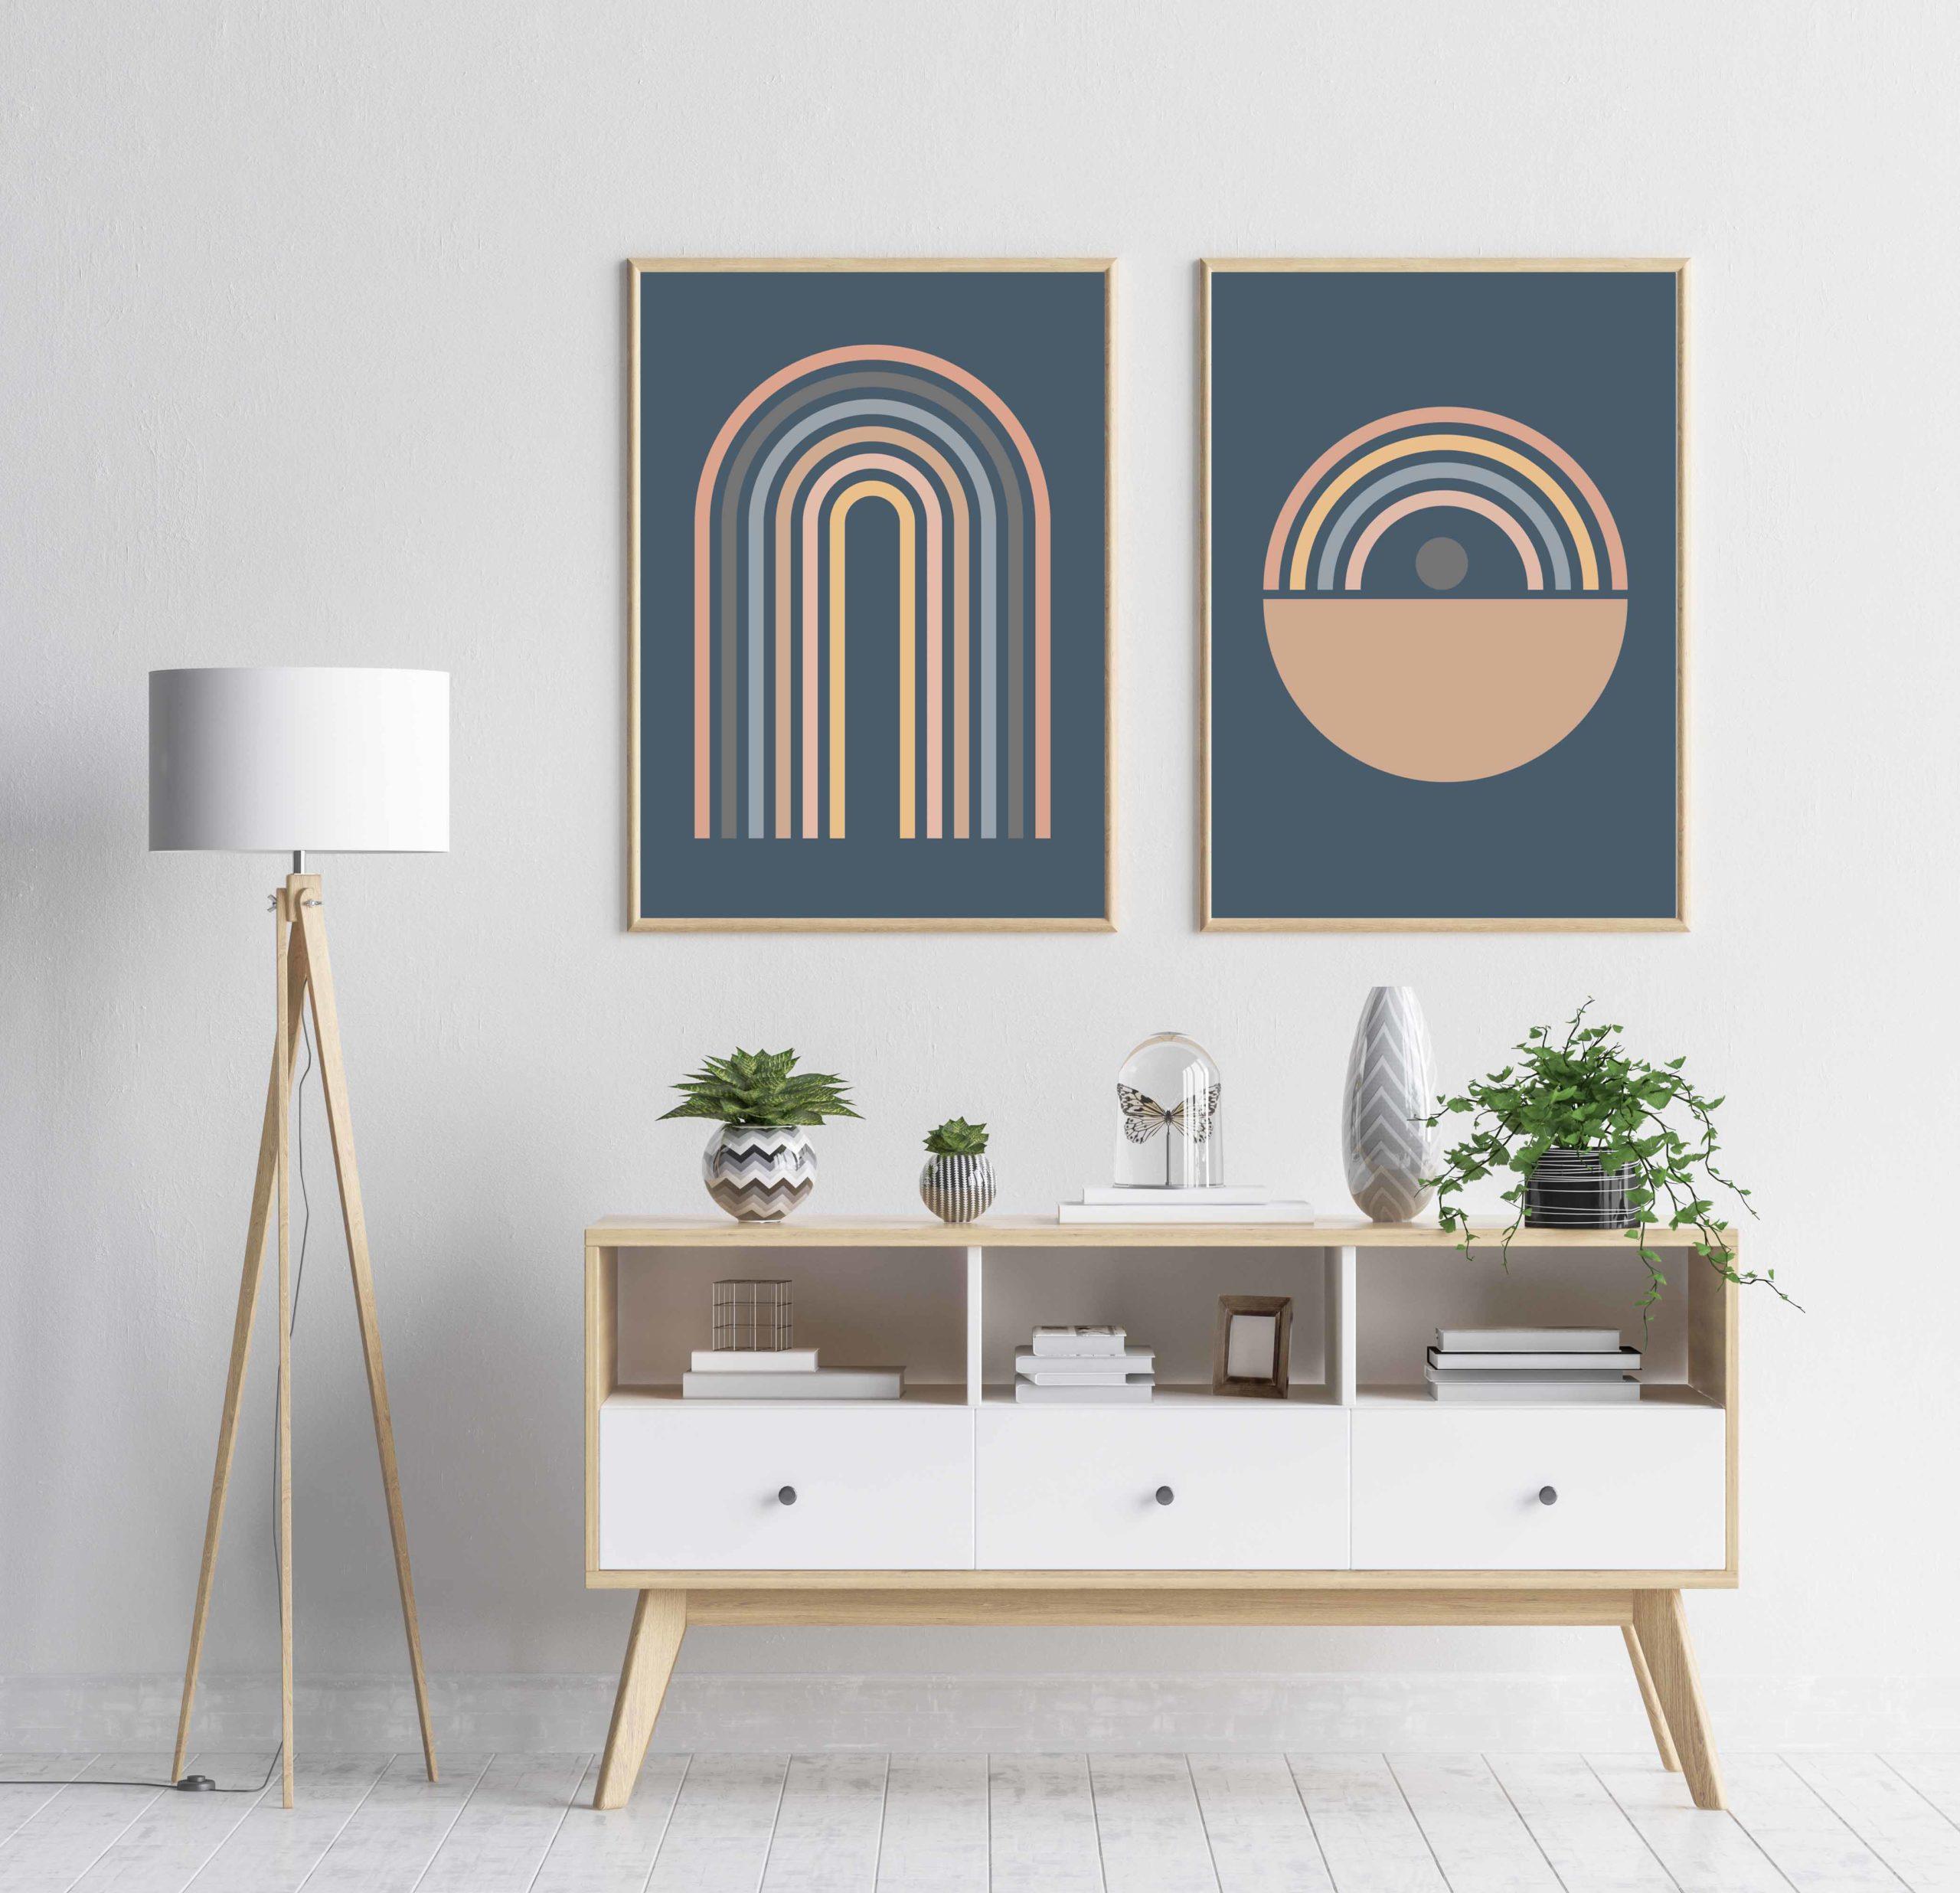 Home Edit: A Work of Art